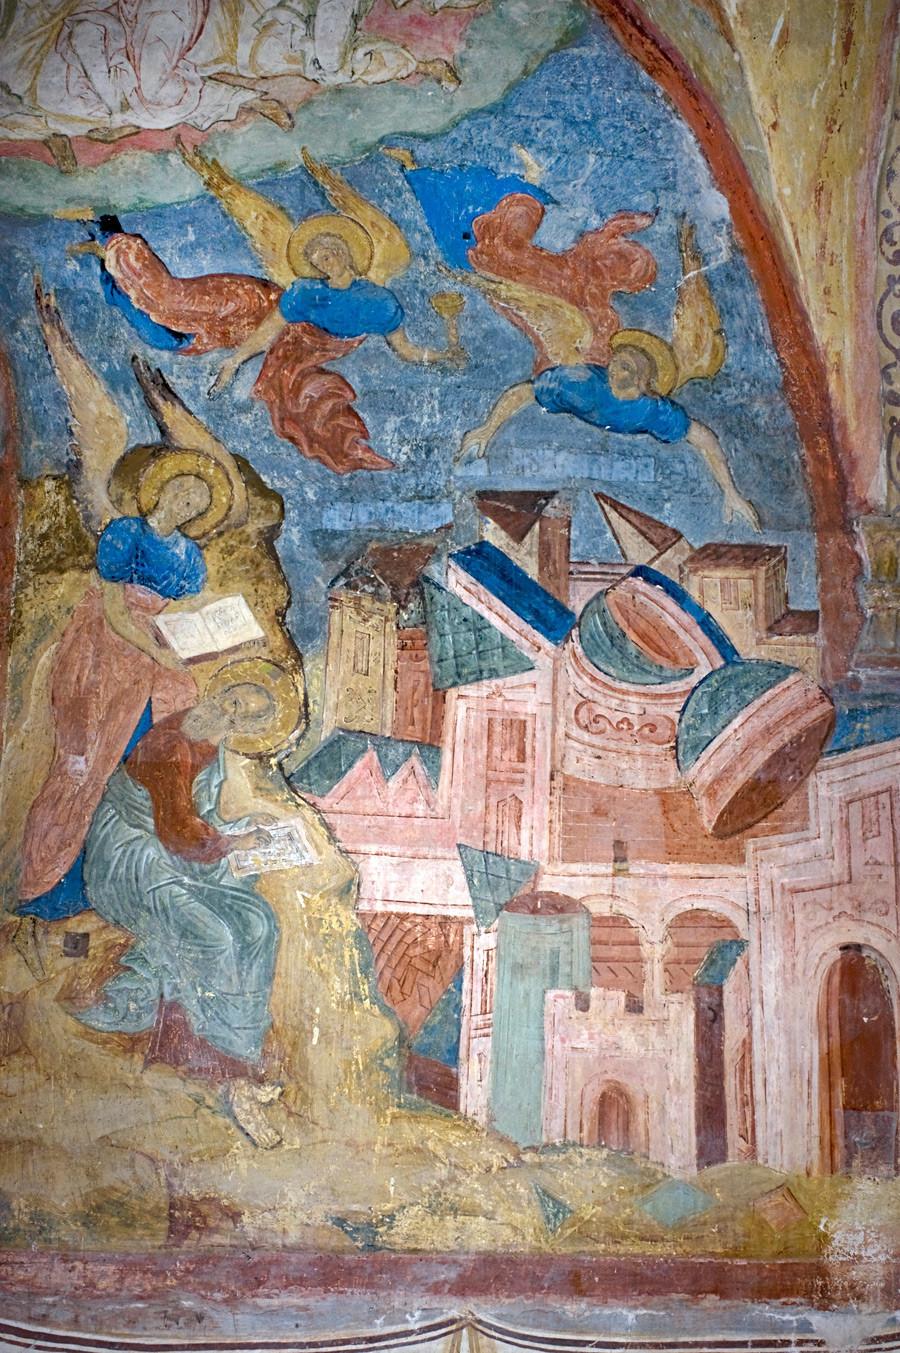 Monastère Saint-Cyrille-Belozersk. Cathédrale de la Dormition, galerie nord. Mur Est avec fresque de l'Apocalypse. Chute de Babylone et Saint-Jean écrivant le Livre des Révélations.